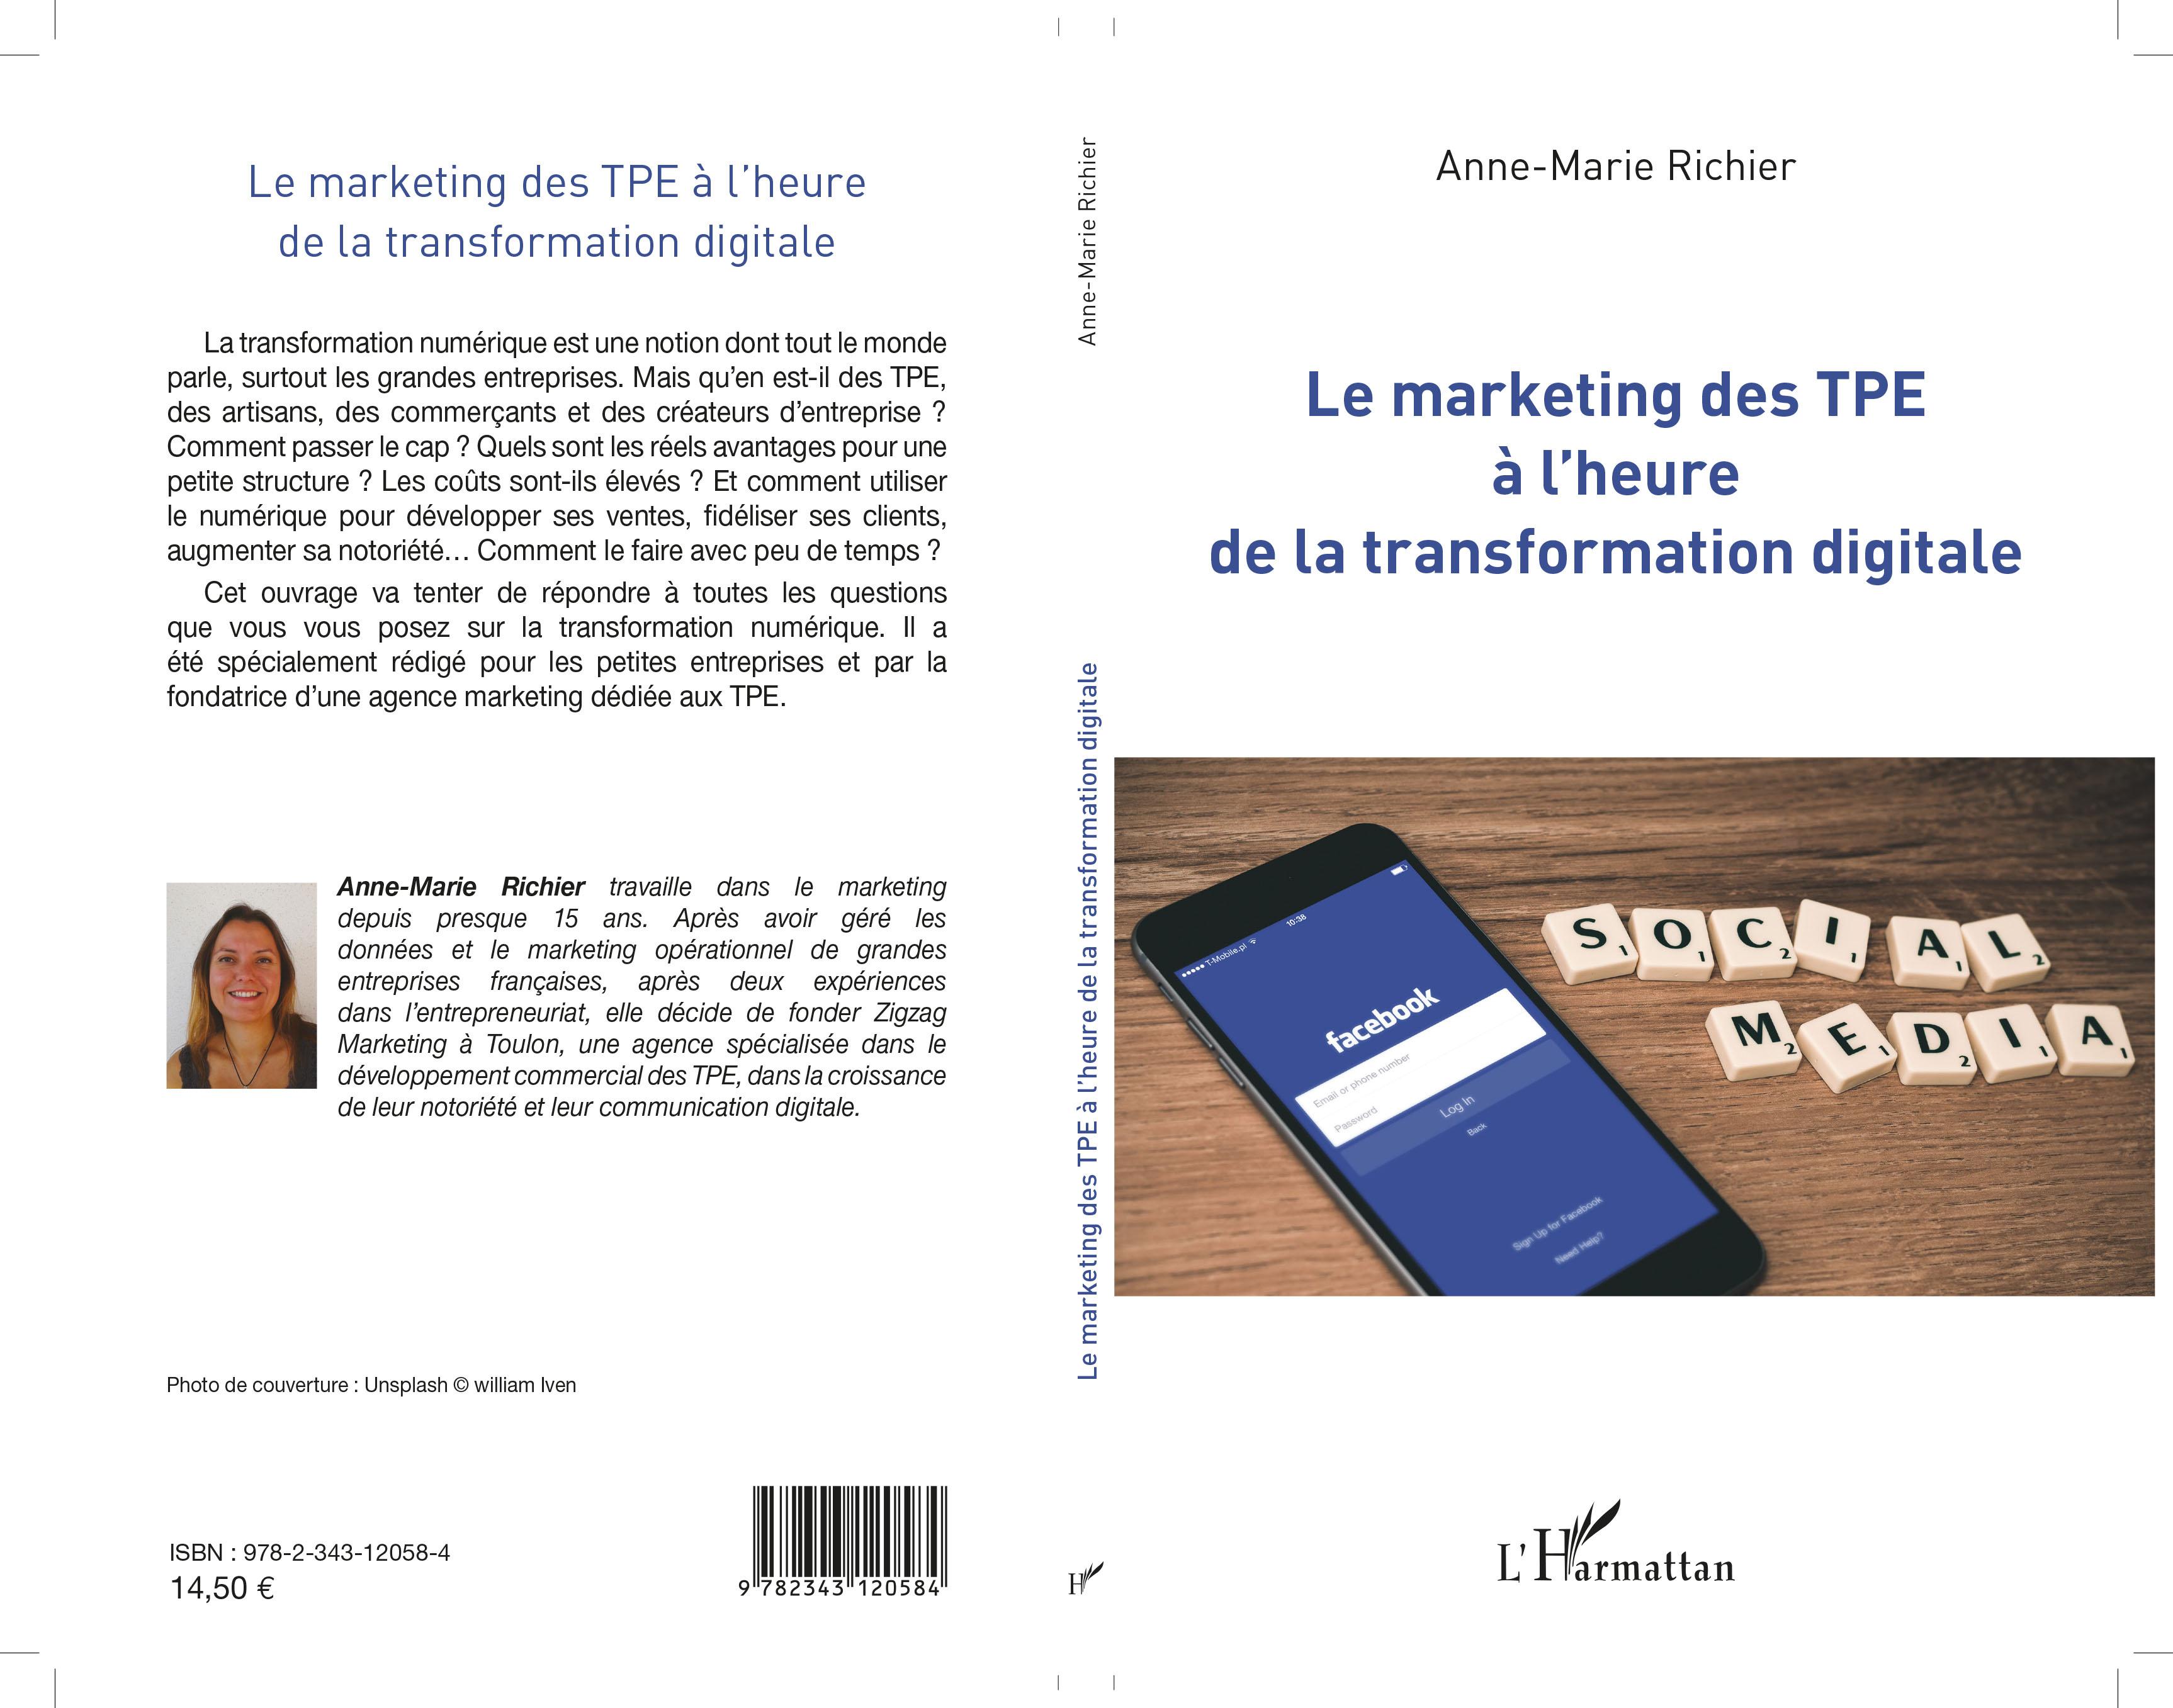 Le_marketing_des_TPE_a_l_heure_de_la_transformation_digitale